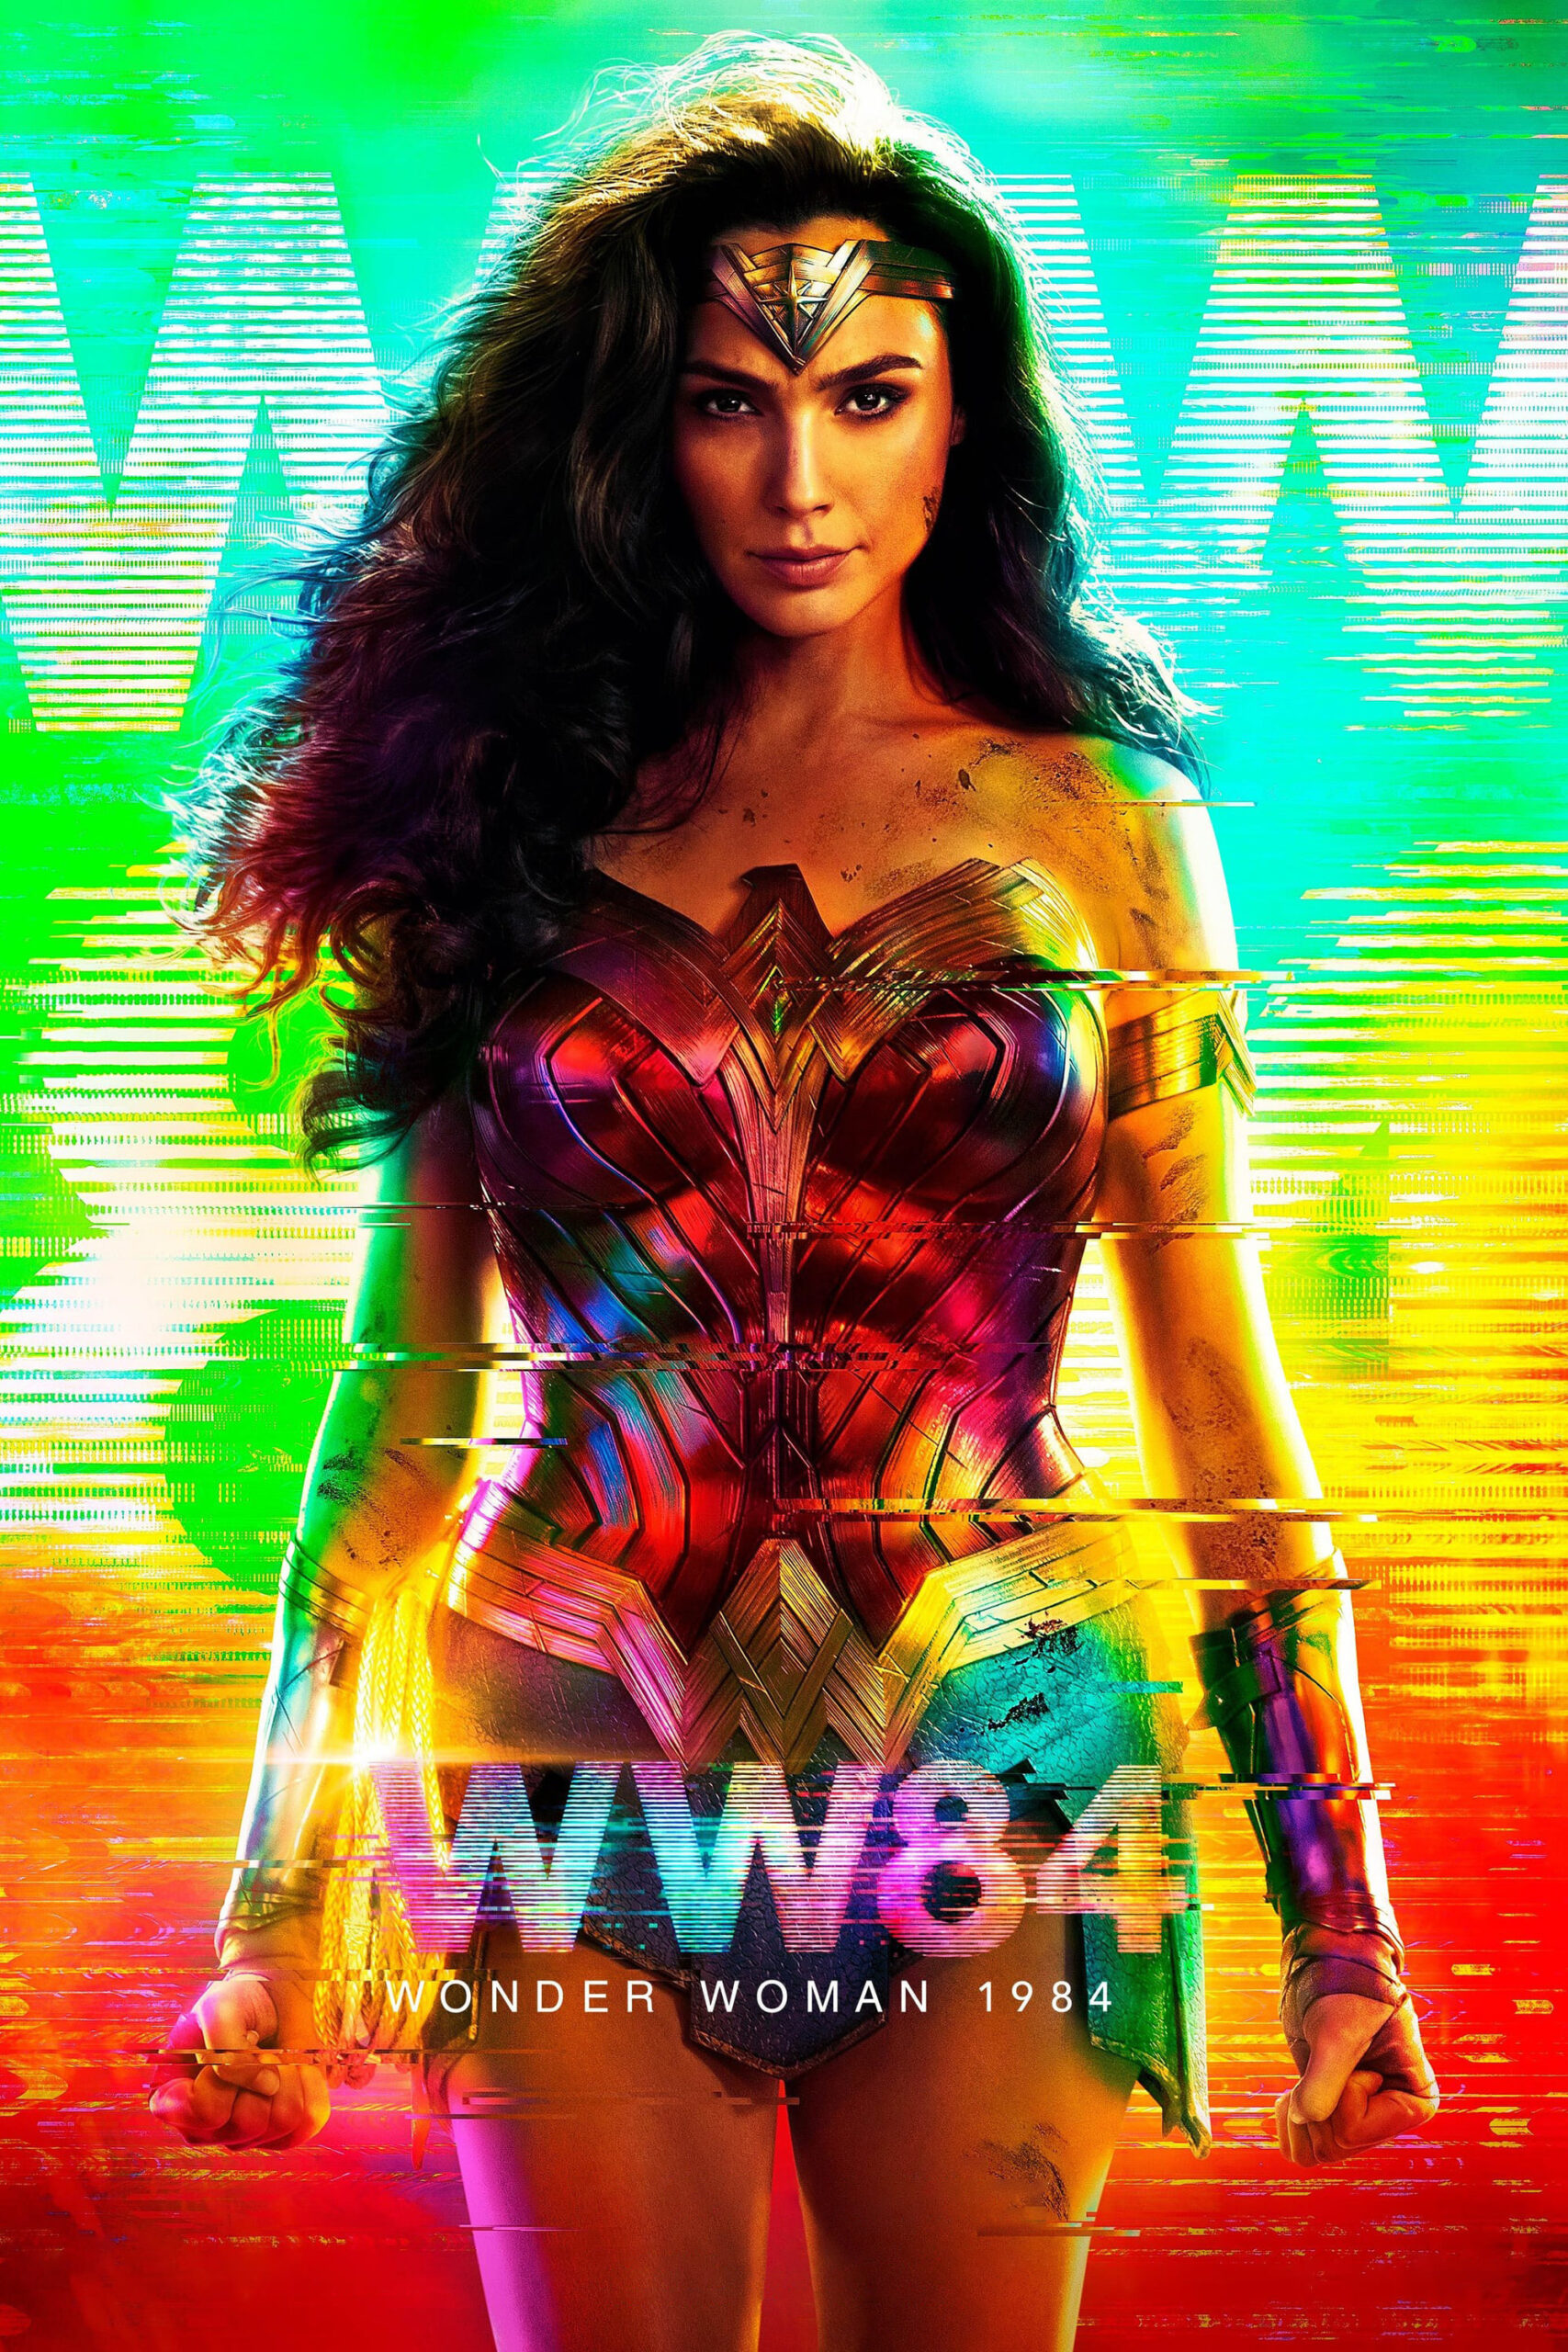 Wonder Woman 1984 Movie Streaming Online